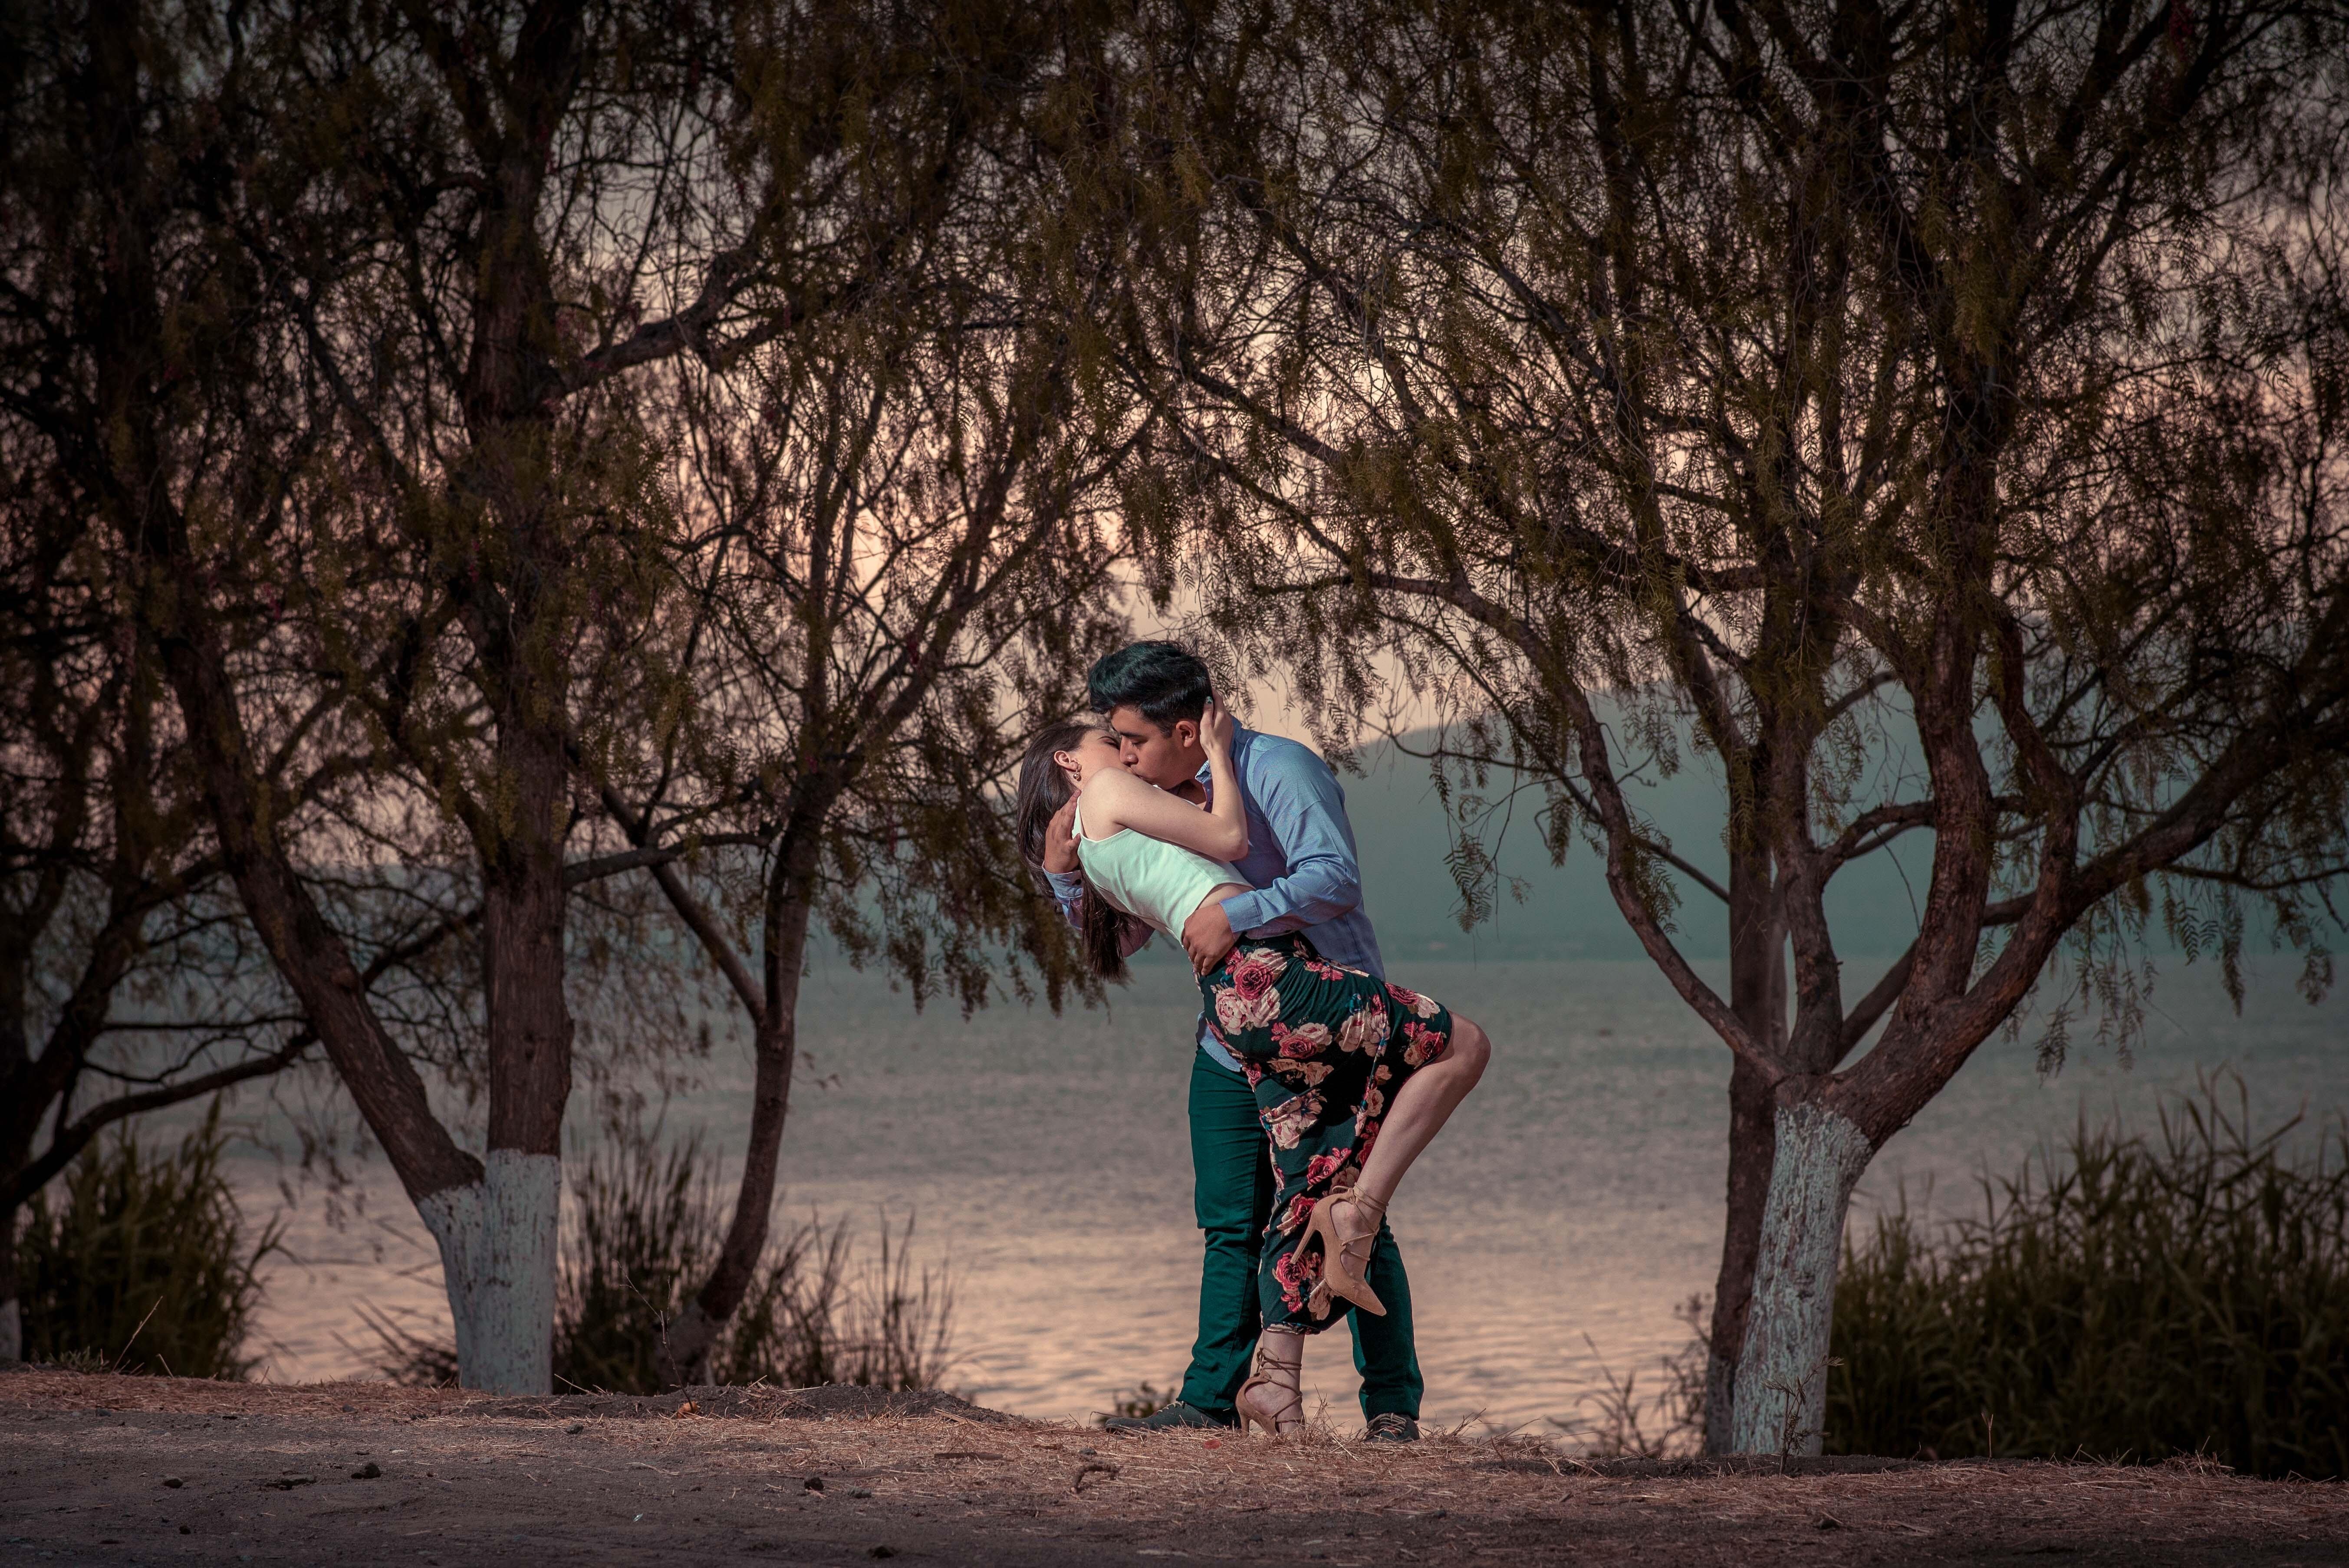 Проверь свои отношения! 5 сценариев любви: какой из них твой